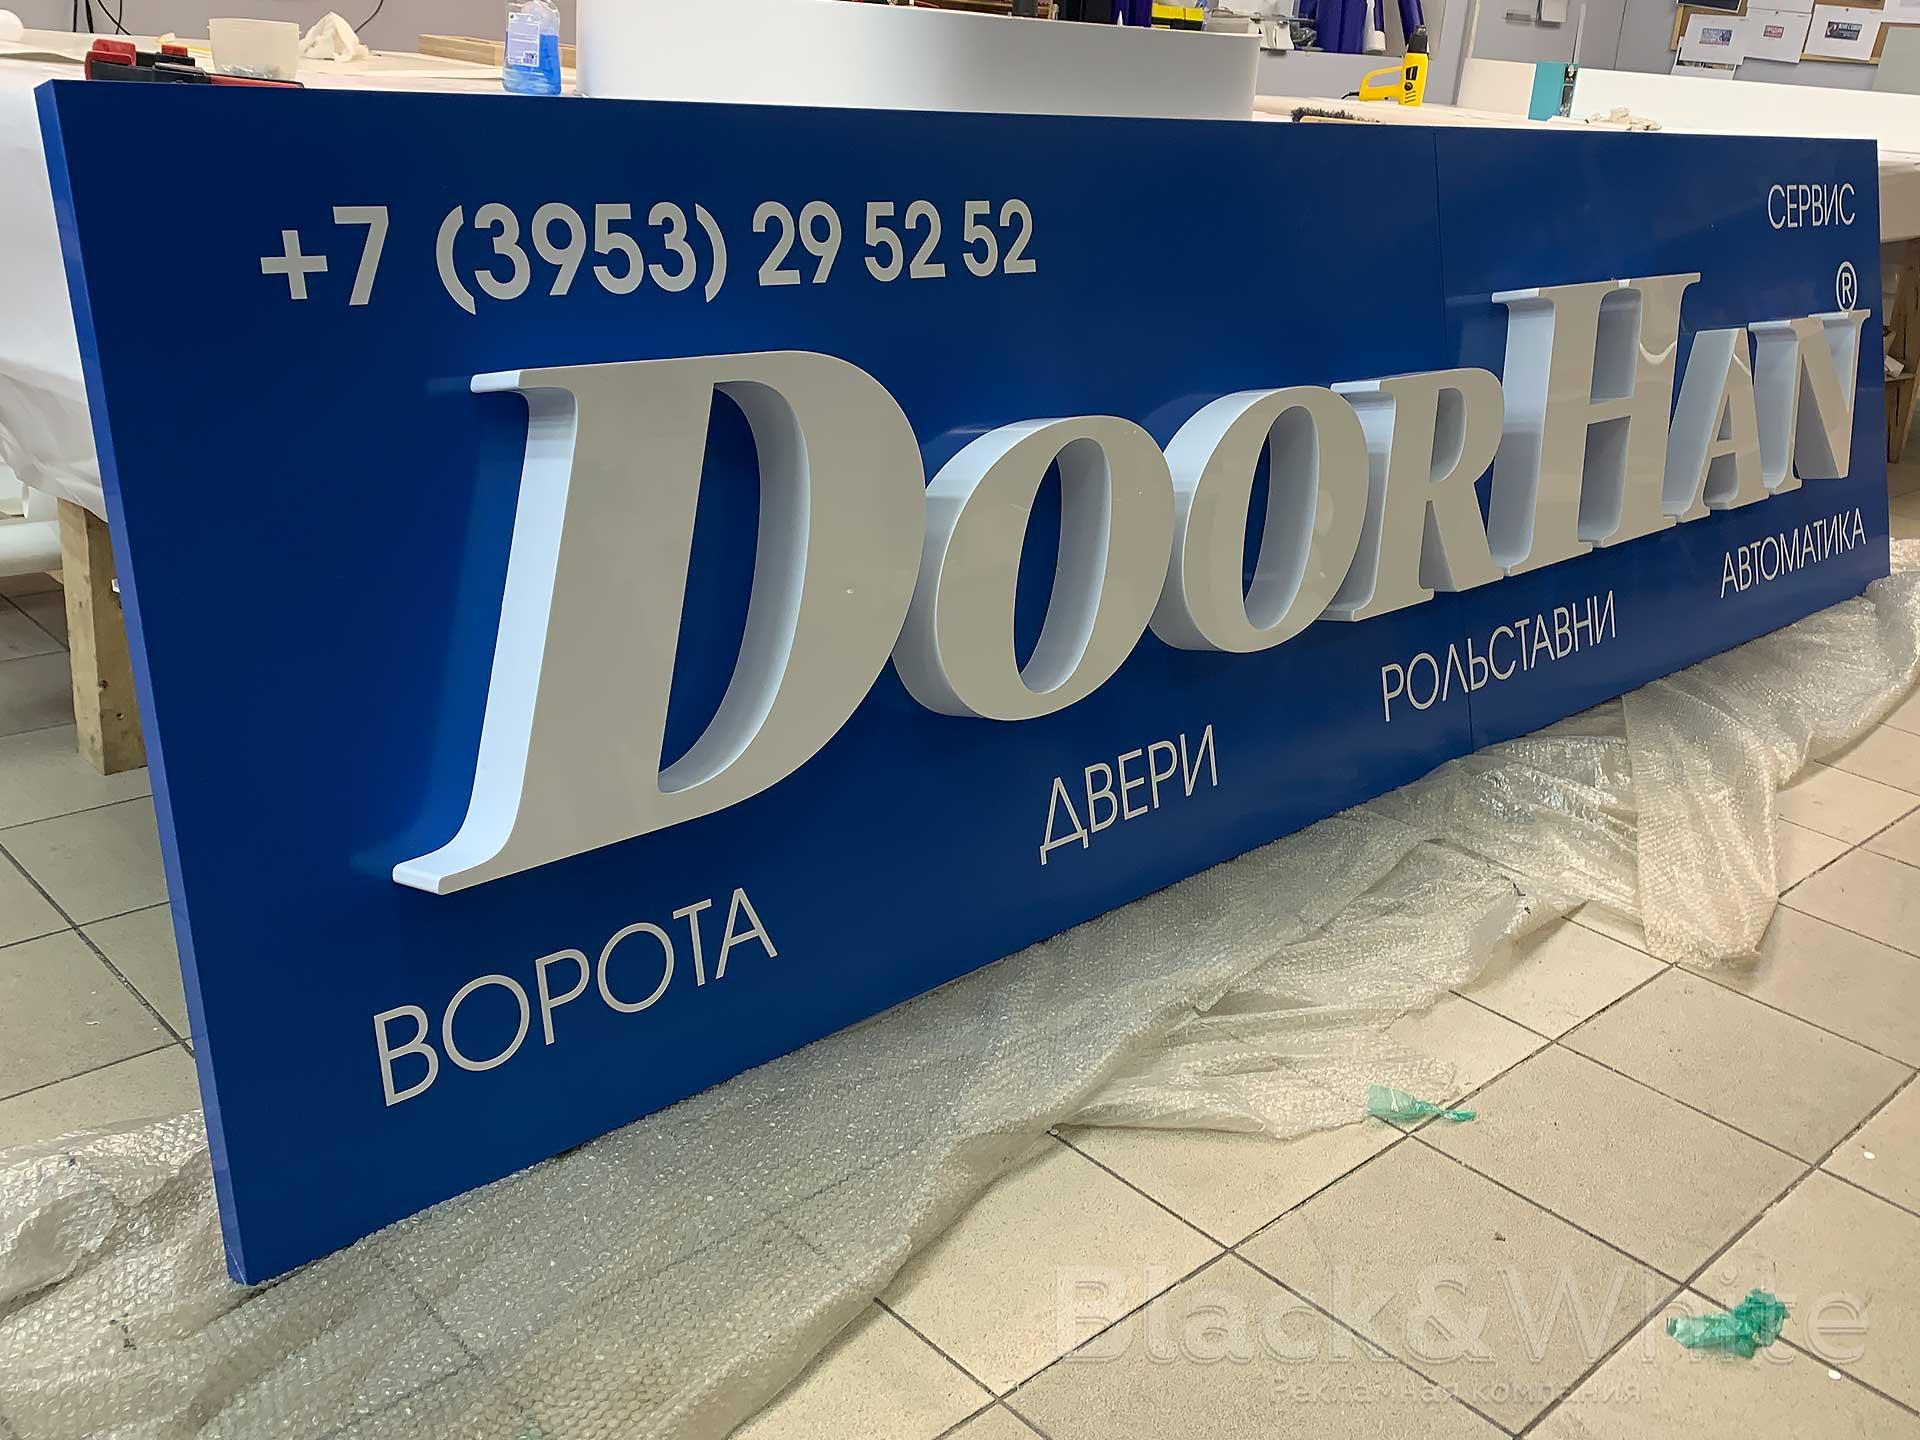 Световая-вывеска-с-оюъёмными-буквами-для-компании-в-Красноярске.jpg